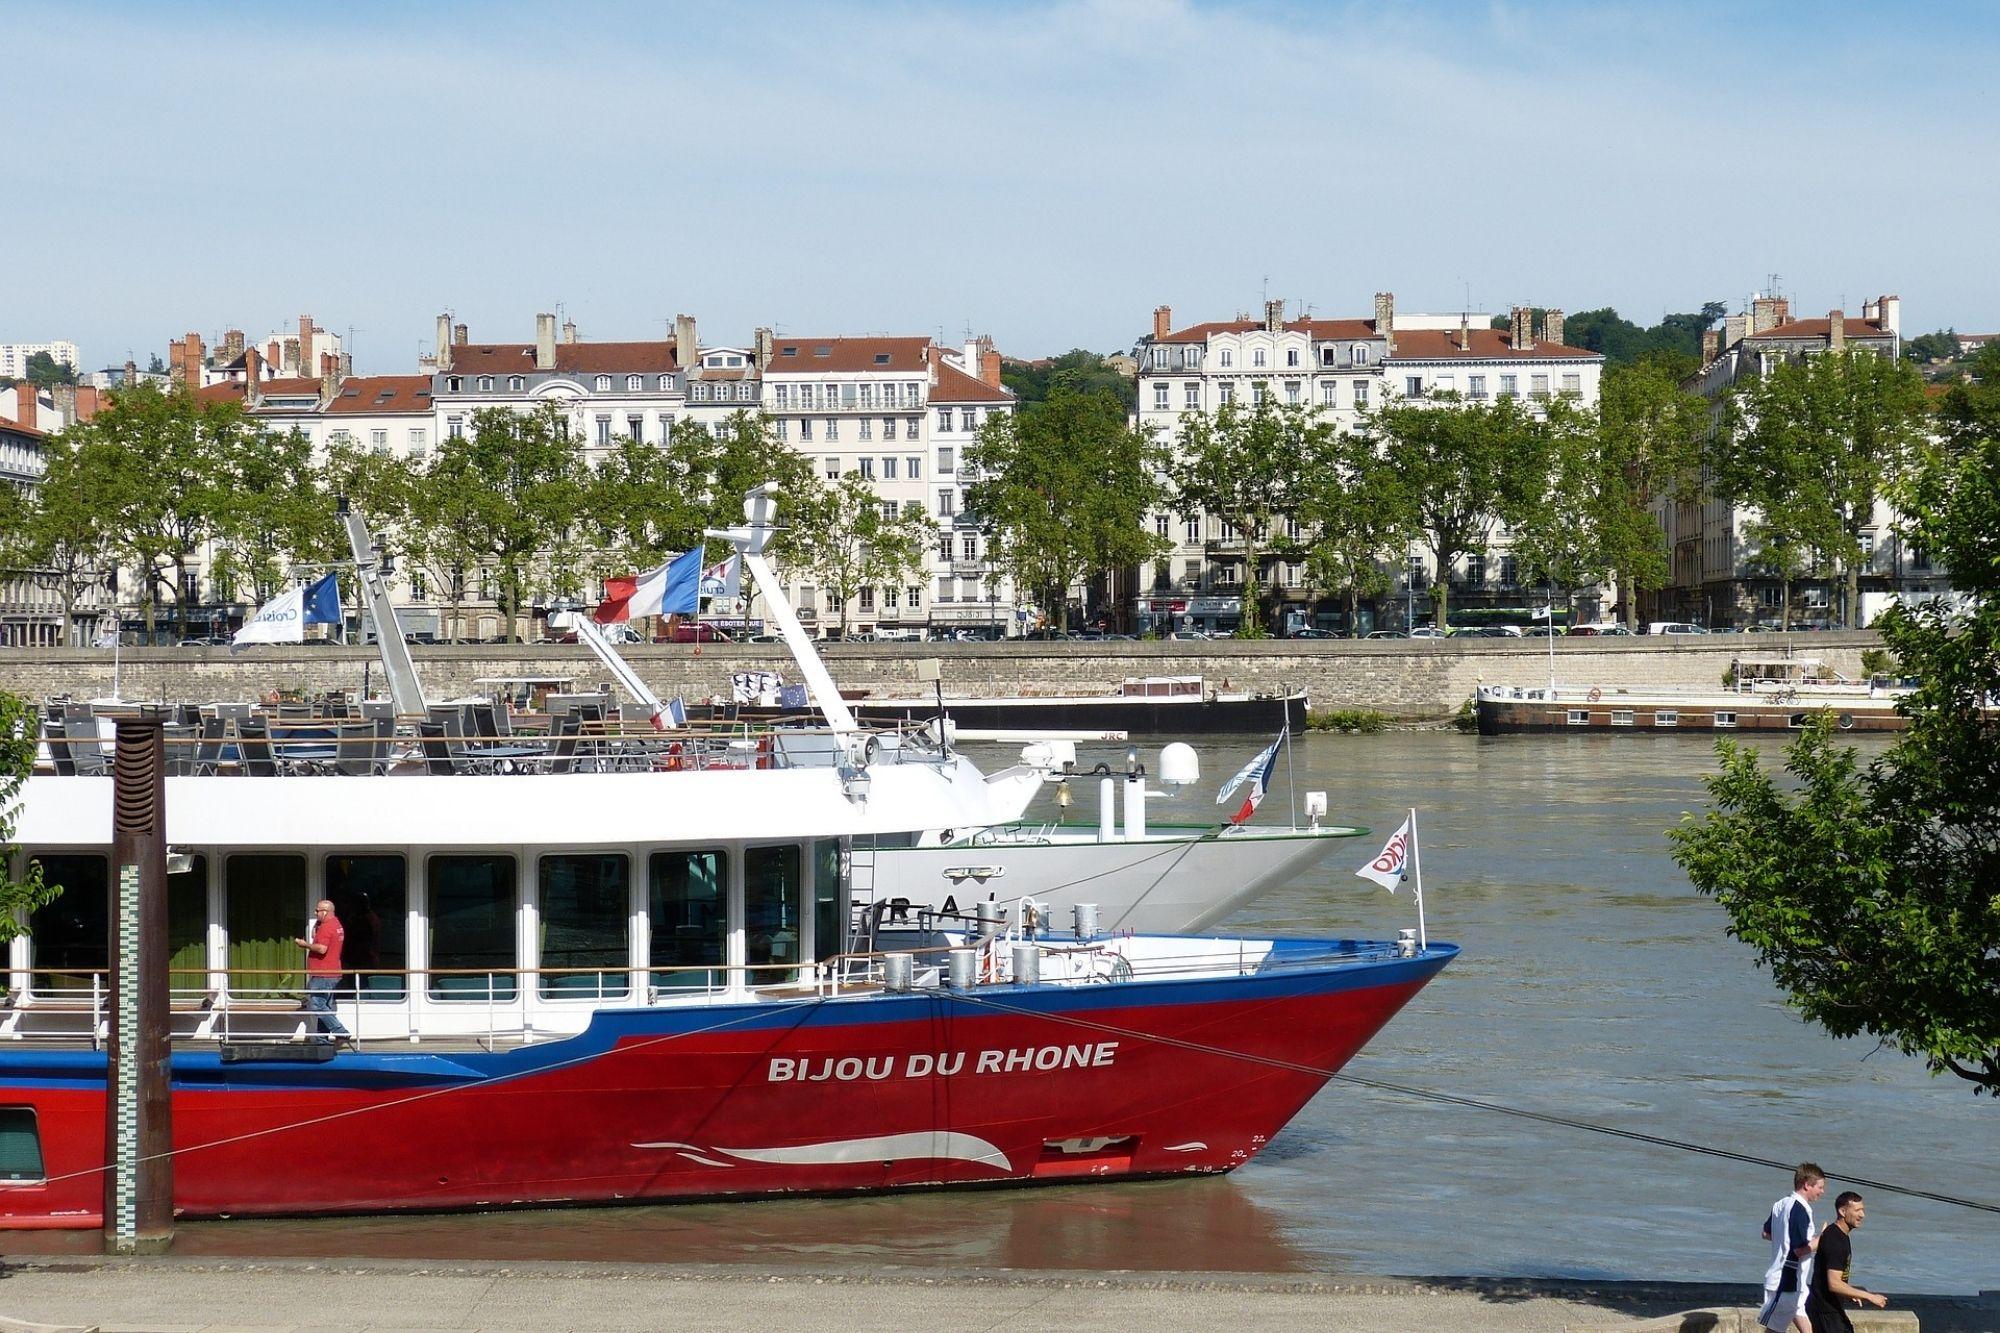 Flusskreuzfahrt 2021: Wann wollen die Veranstalter wieder starten?